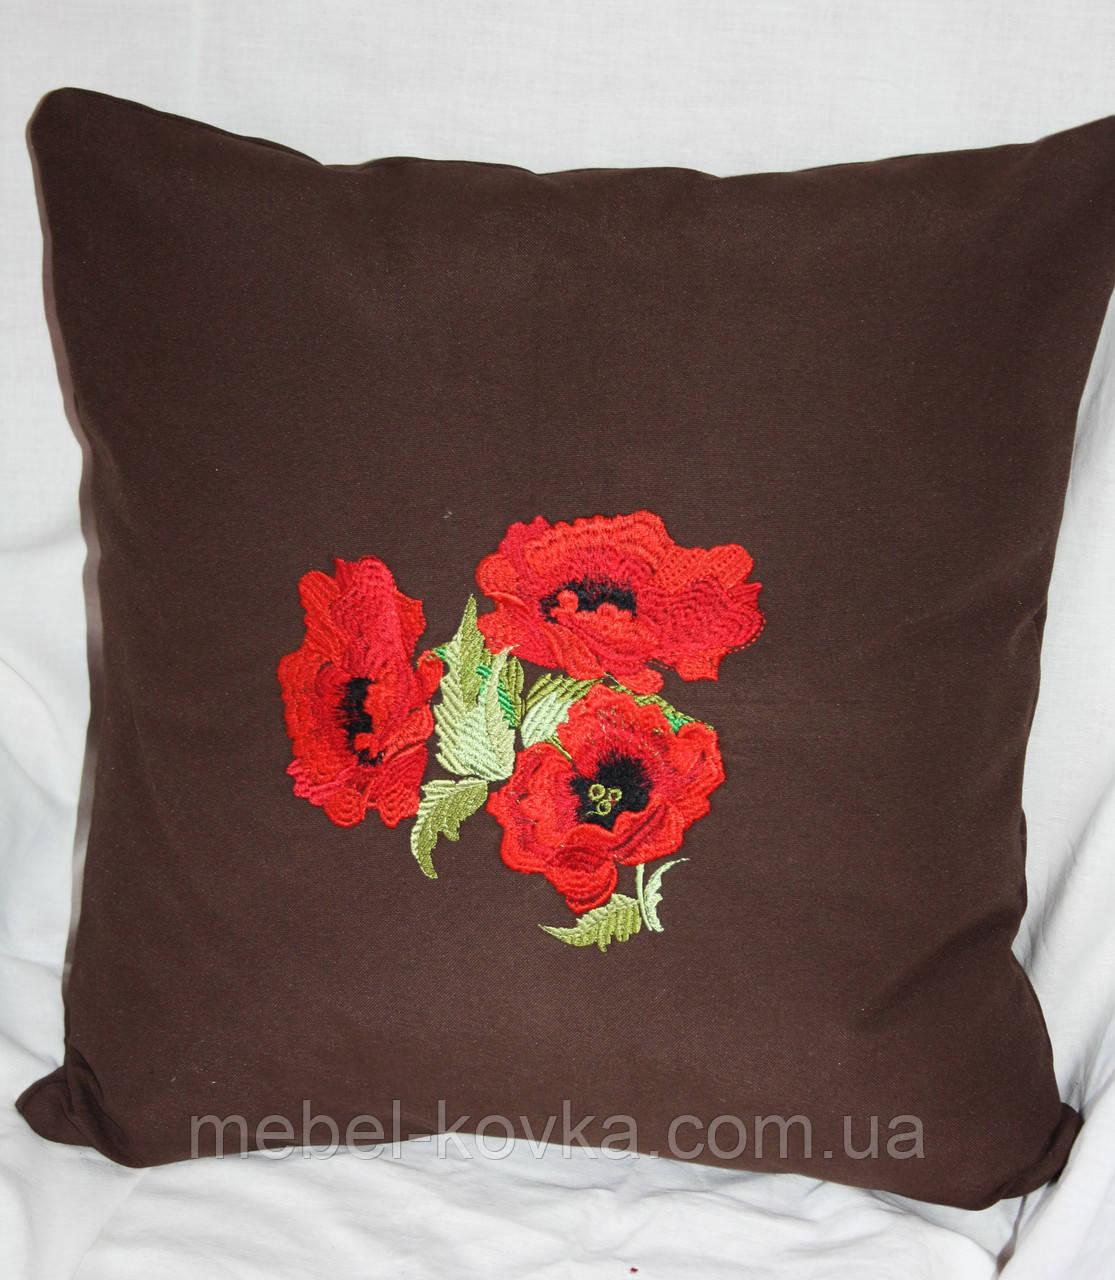 Сувенирная подушка из льняной ткани с вышивкой с маками на диван  4